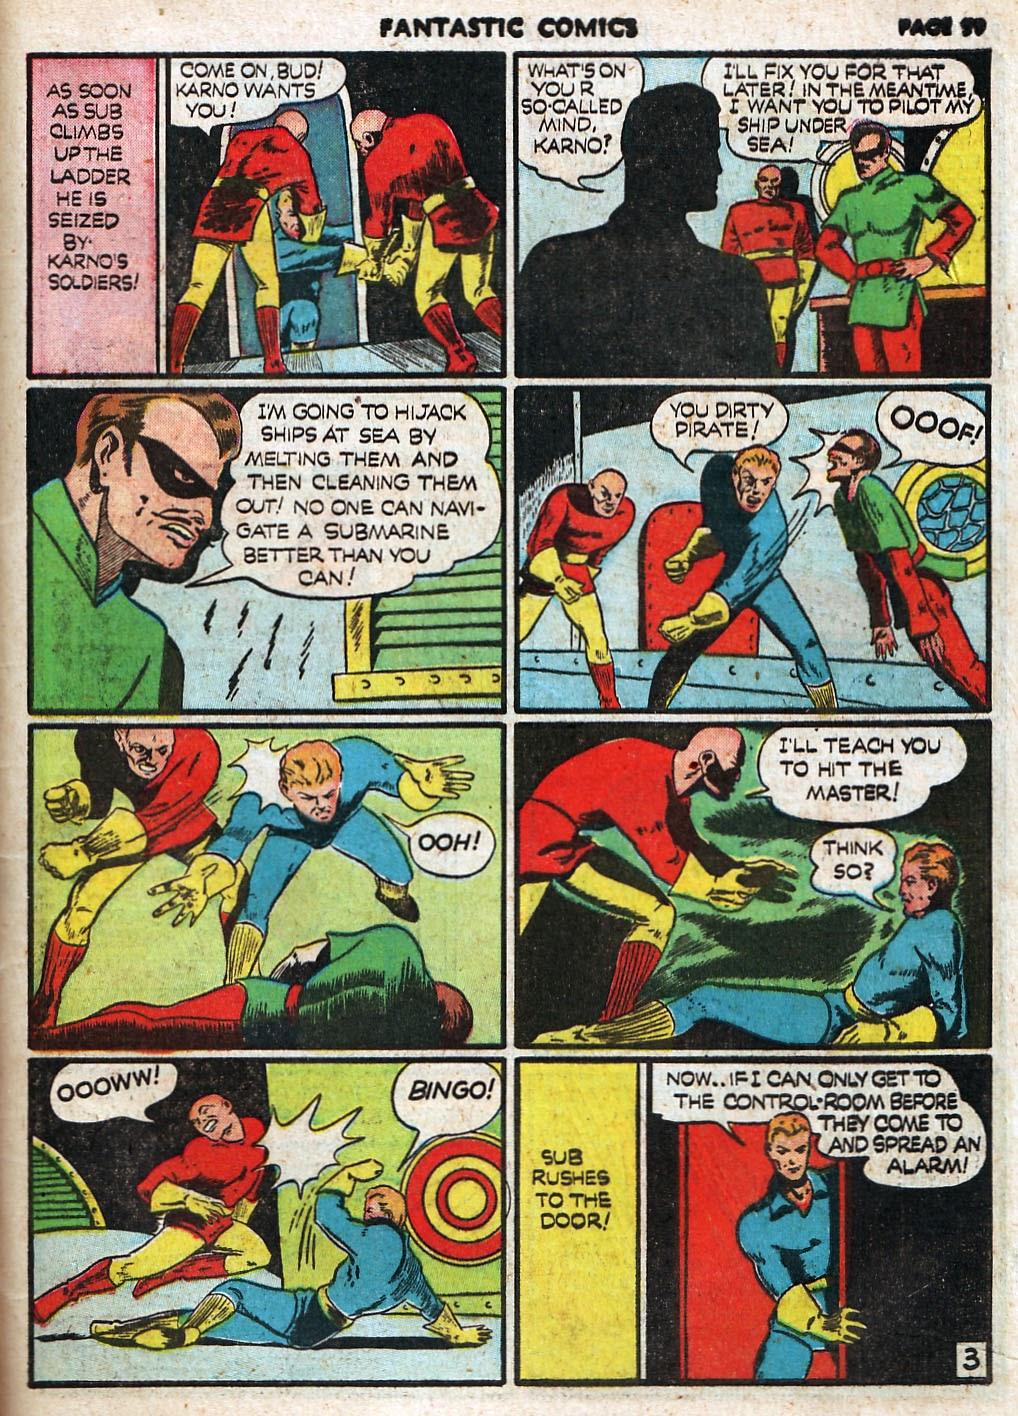 Read online Fantastic Comics comic -  Issue #17 - 60